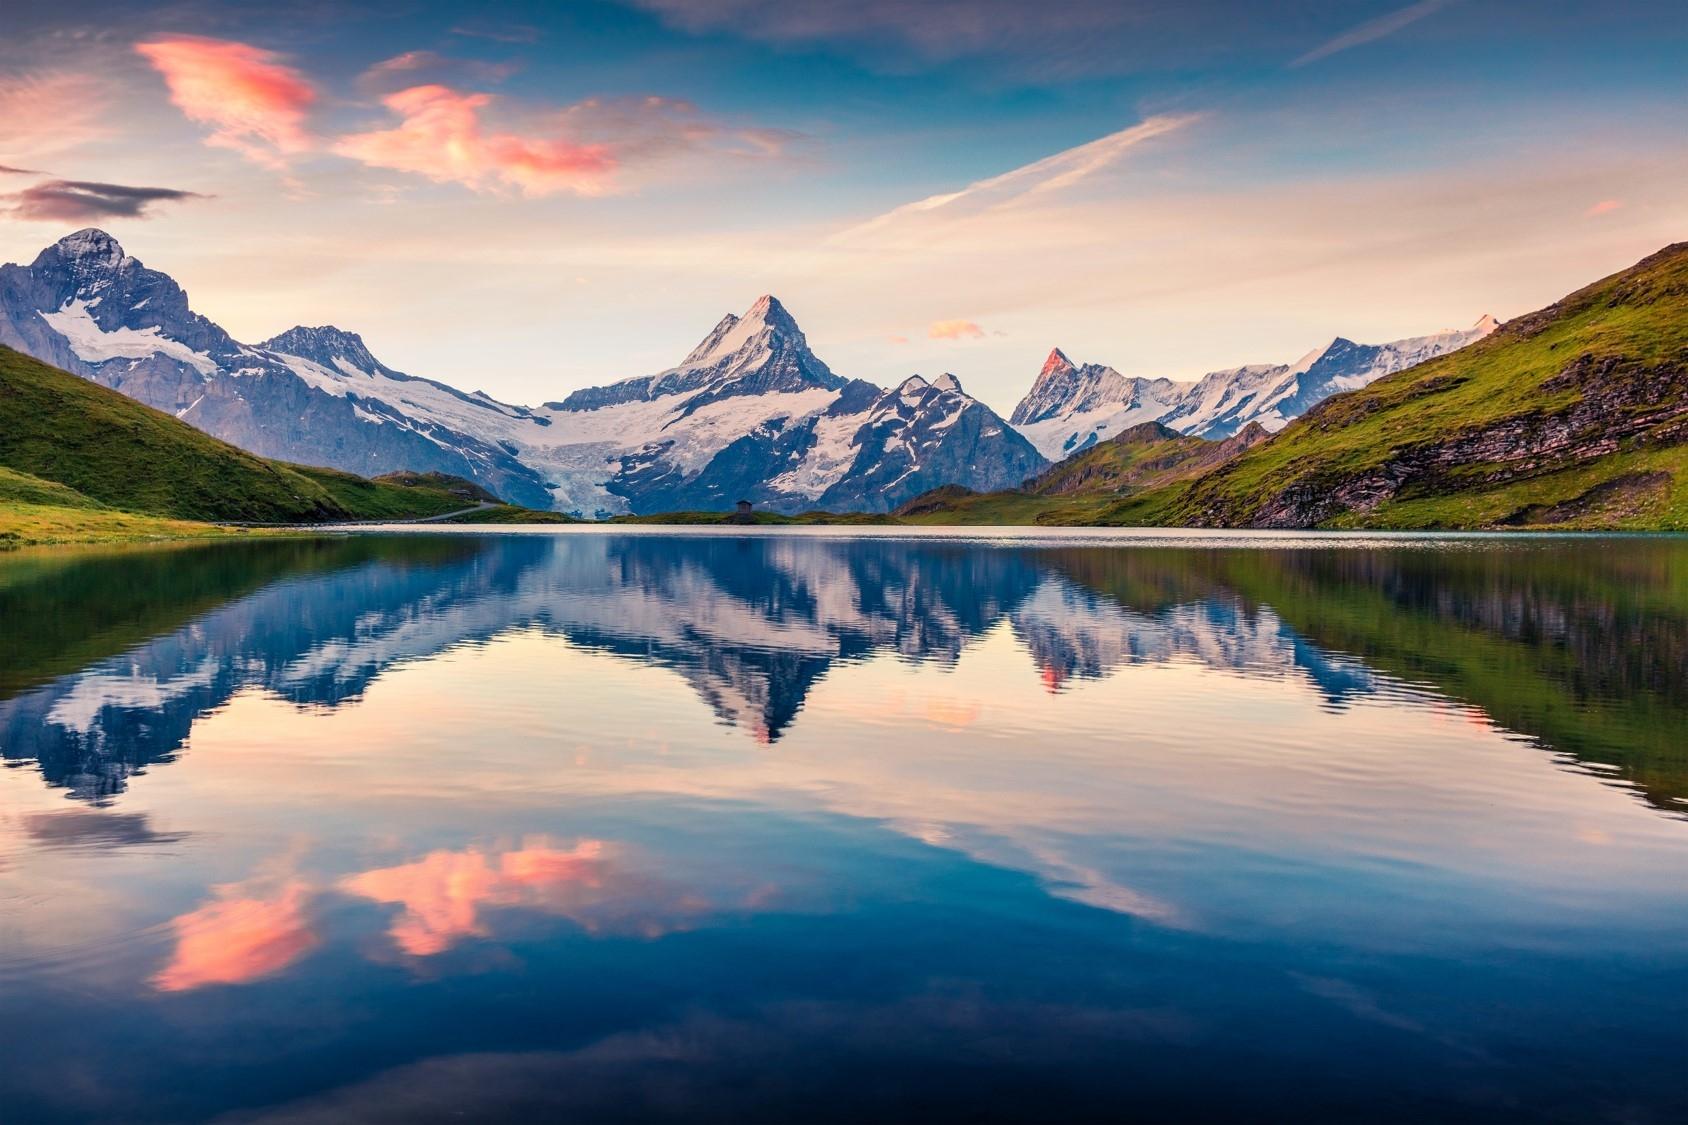 瑞士馬特洪峰